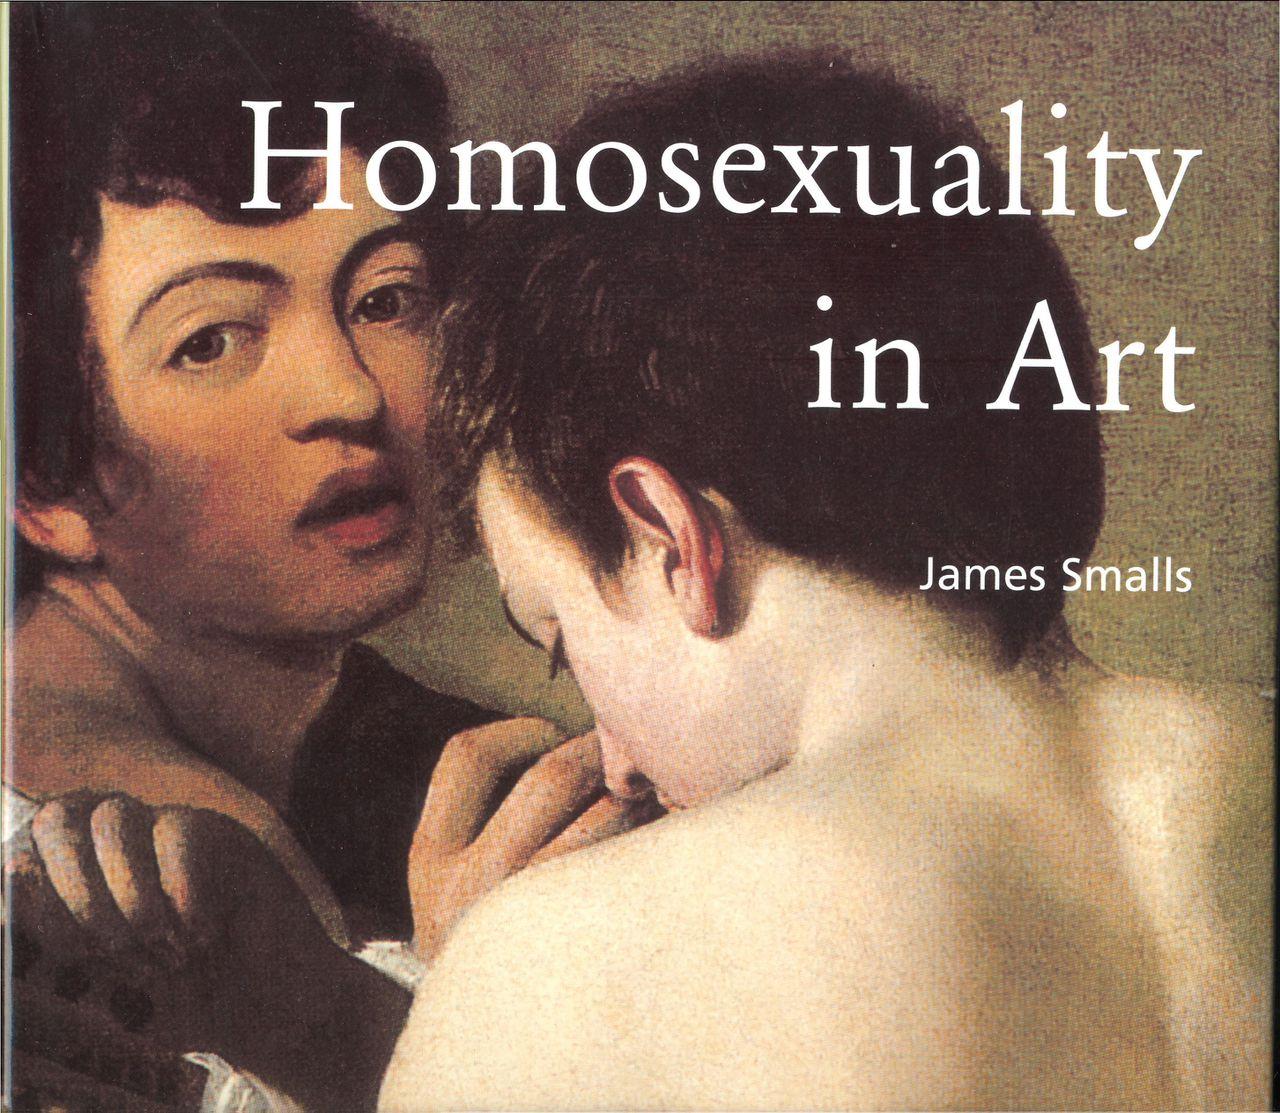 James Smalls: Homosexuality in Art. Gebonden, Parkstone Press 2003, 276 blz., van €39,95 voor €20,– bij Het Martyrium in Amsterdam (020-673.2092; www.hetmartyrium.nl)